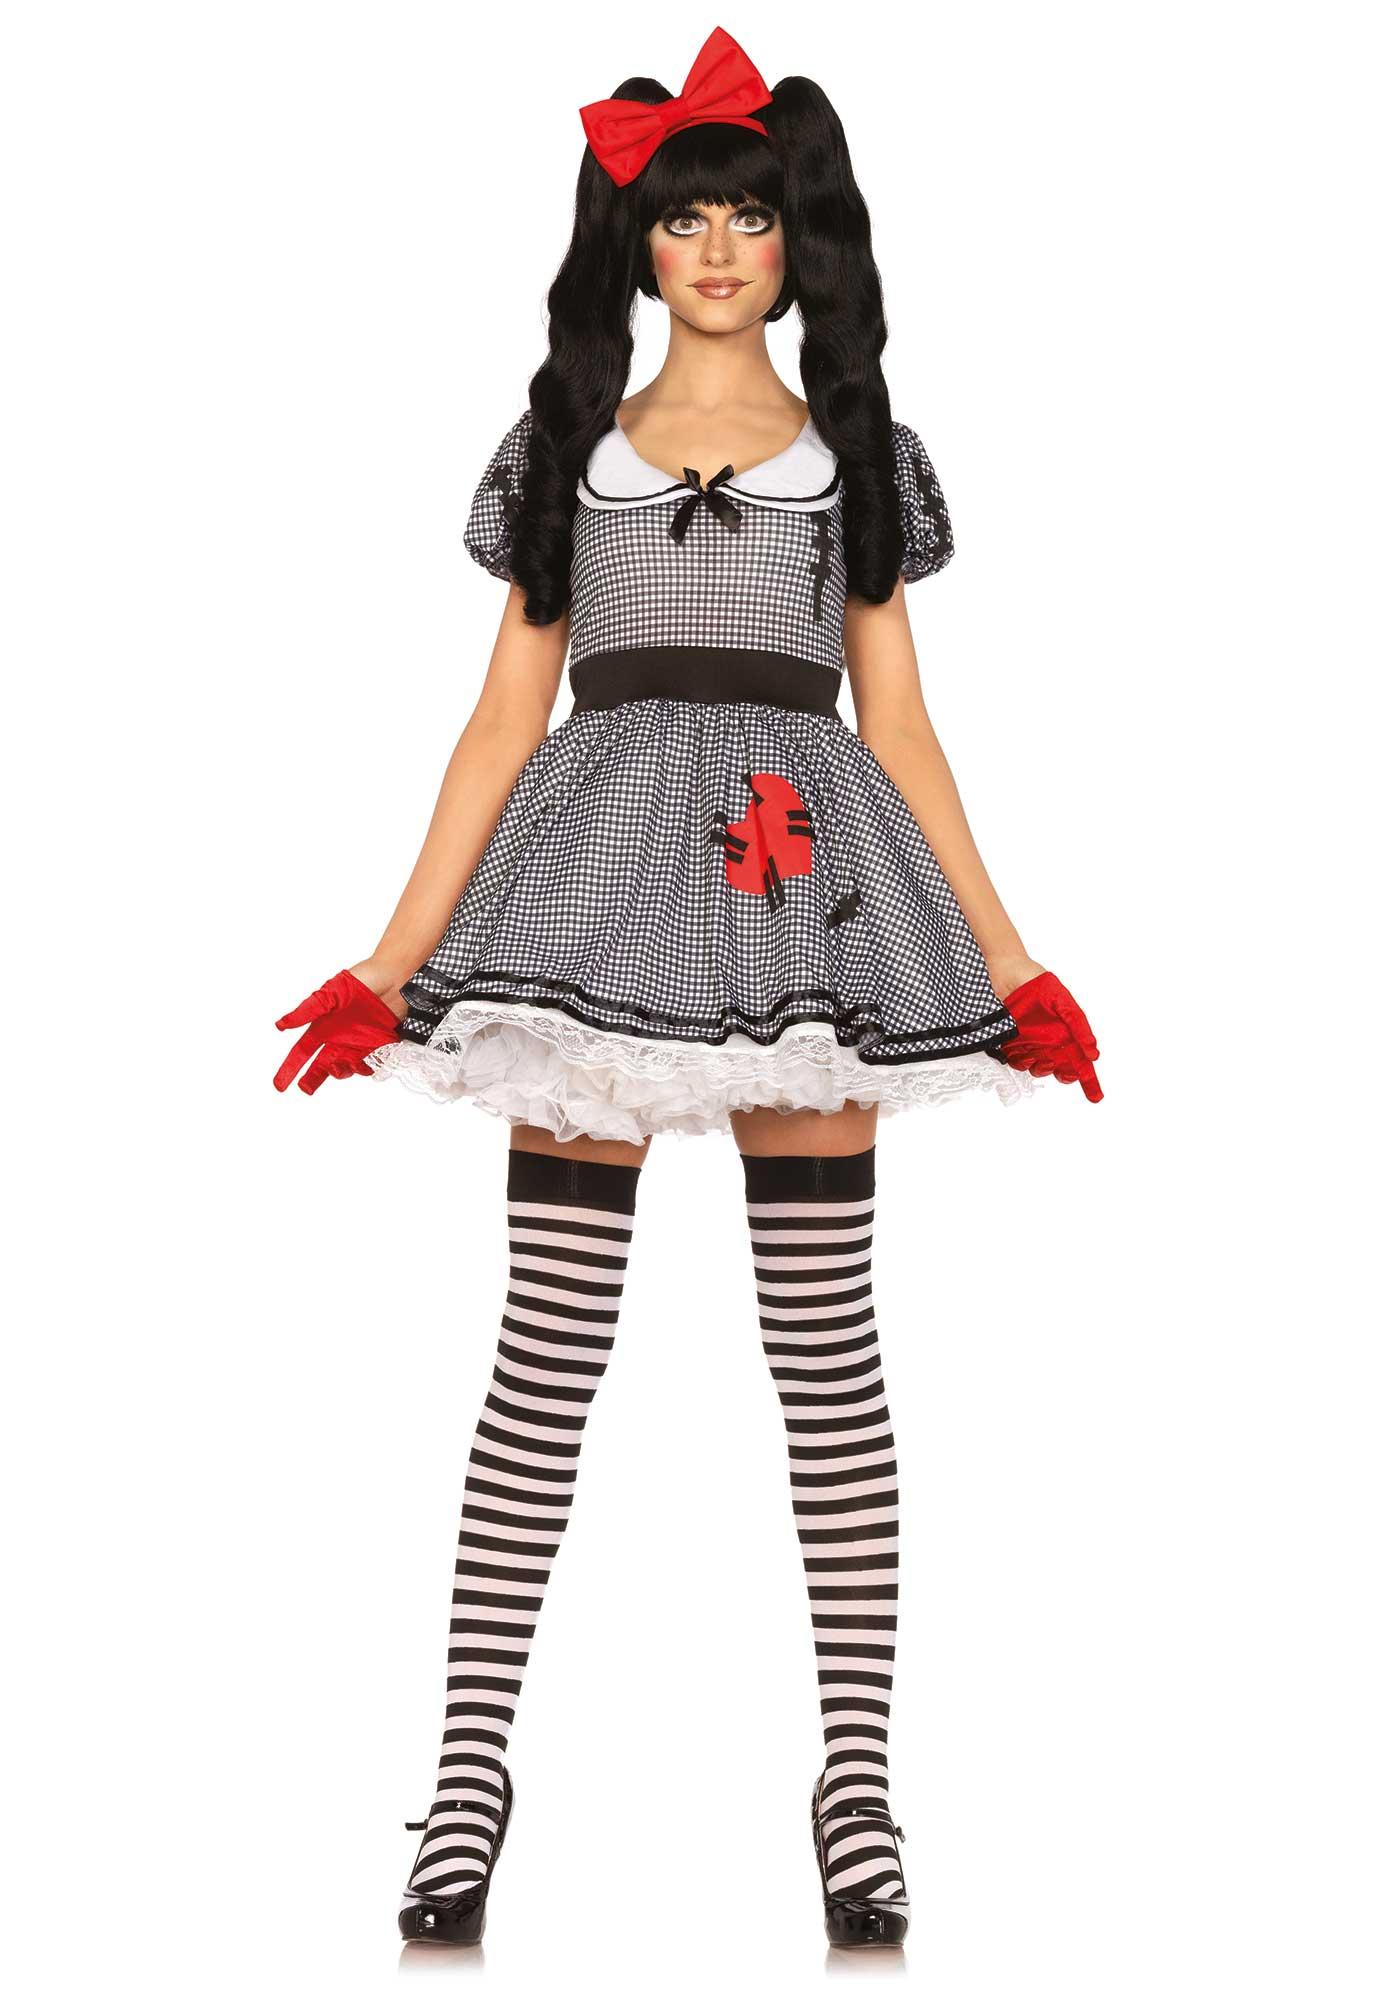 disfraces de halloween muneca